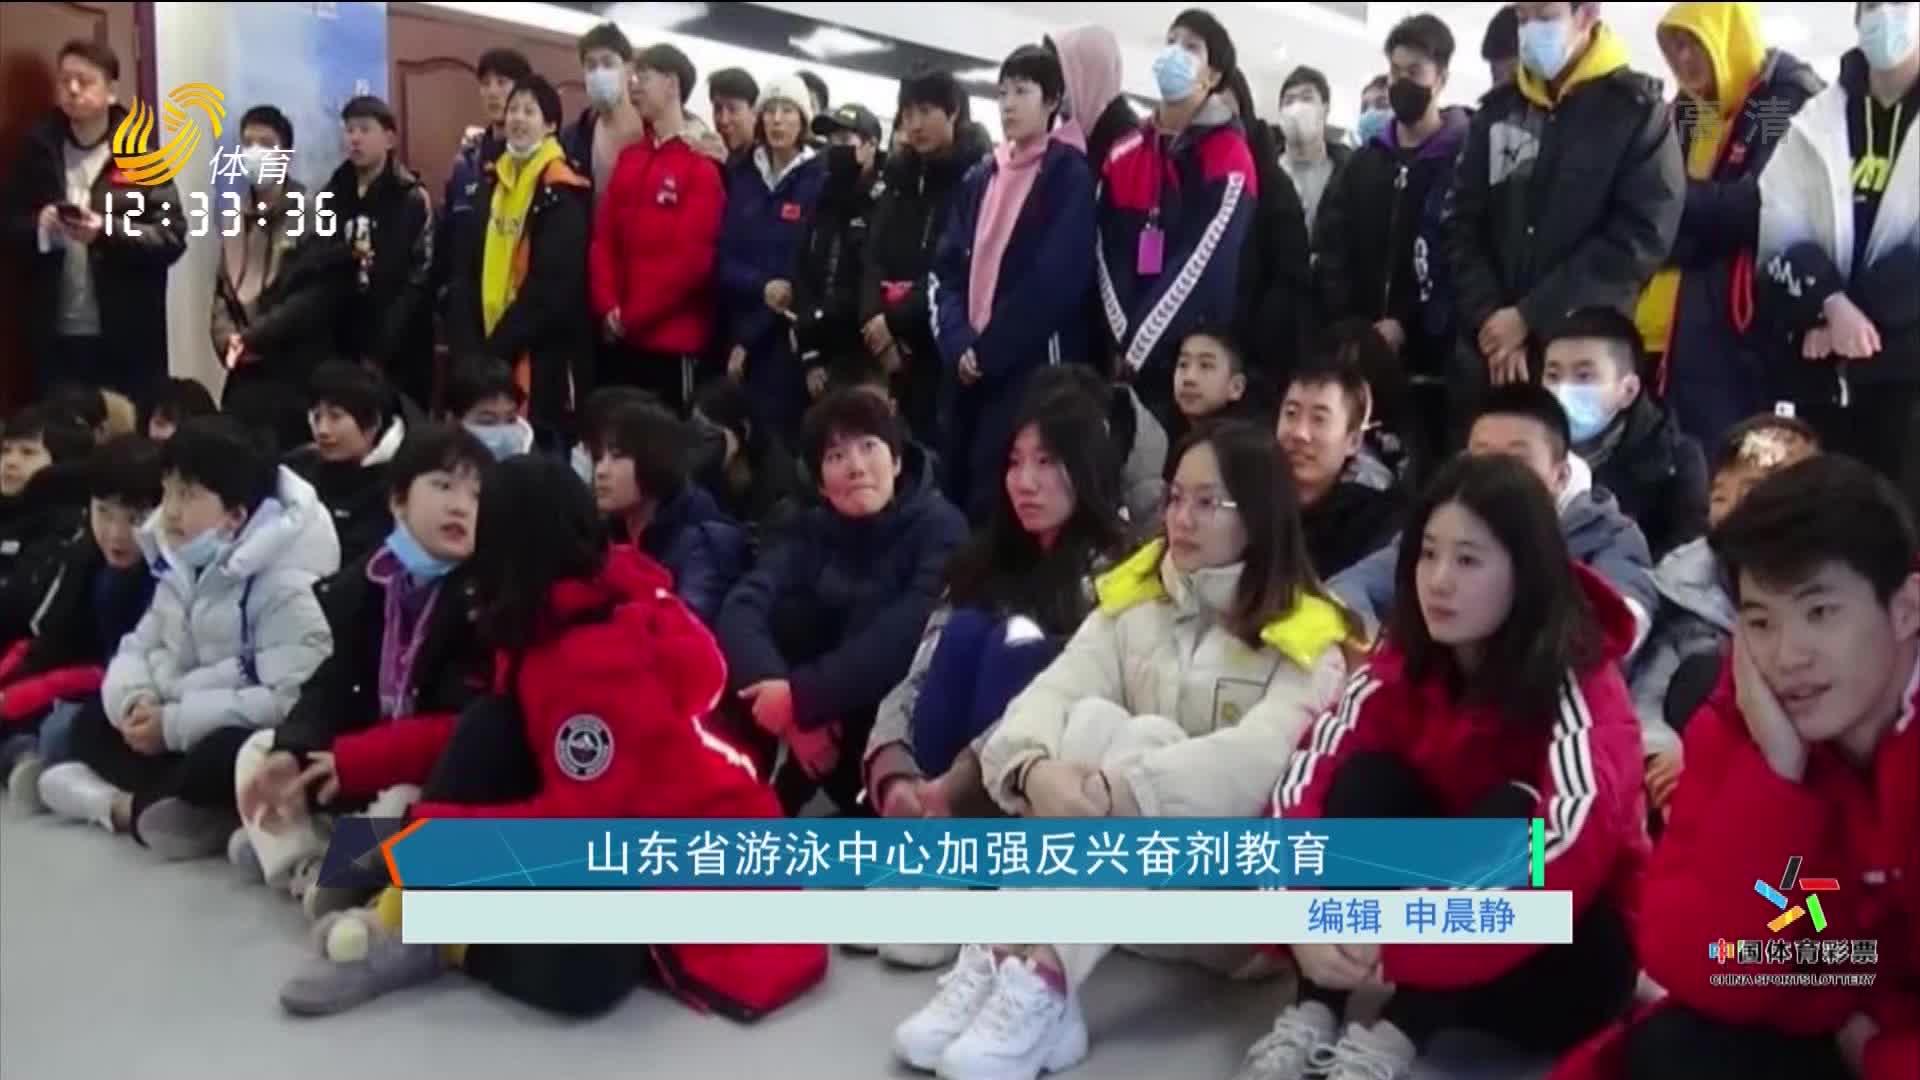 山东省游泳中心加强反兴奋剂教育